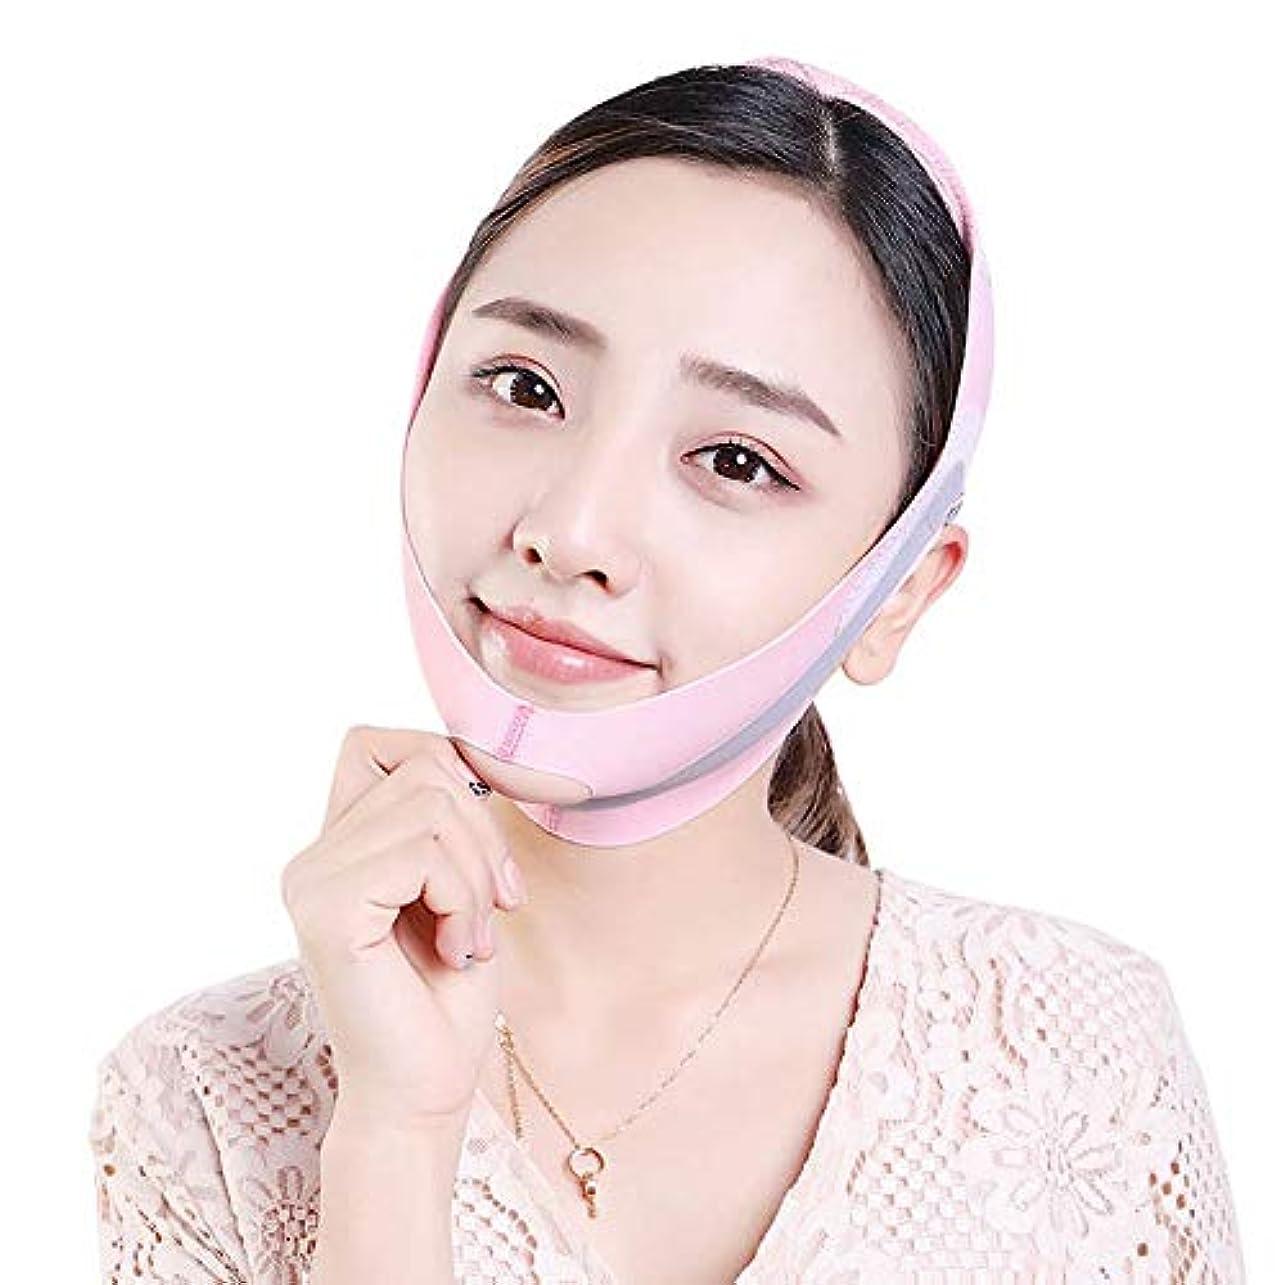 懸念定期的な絶滅たるみを防ぐために顔を持ち上げるために筋肉を引き締めるために二重あごのステッカーとラインを削除するために、顔を持ち上げるアーティファクト包帯があります - ピンク